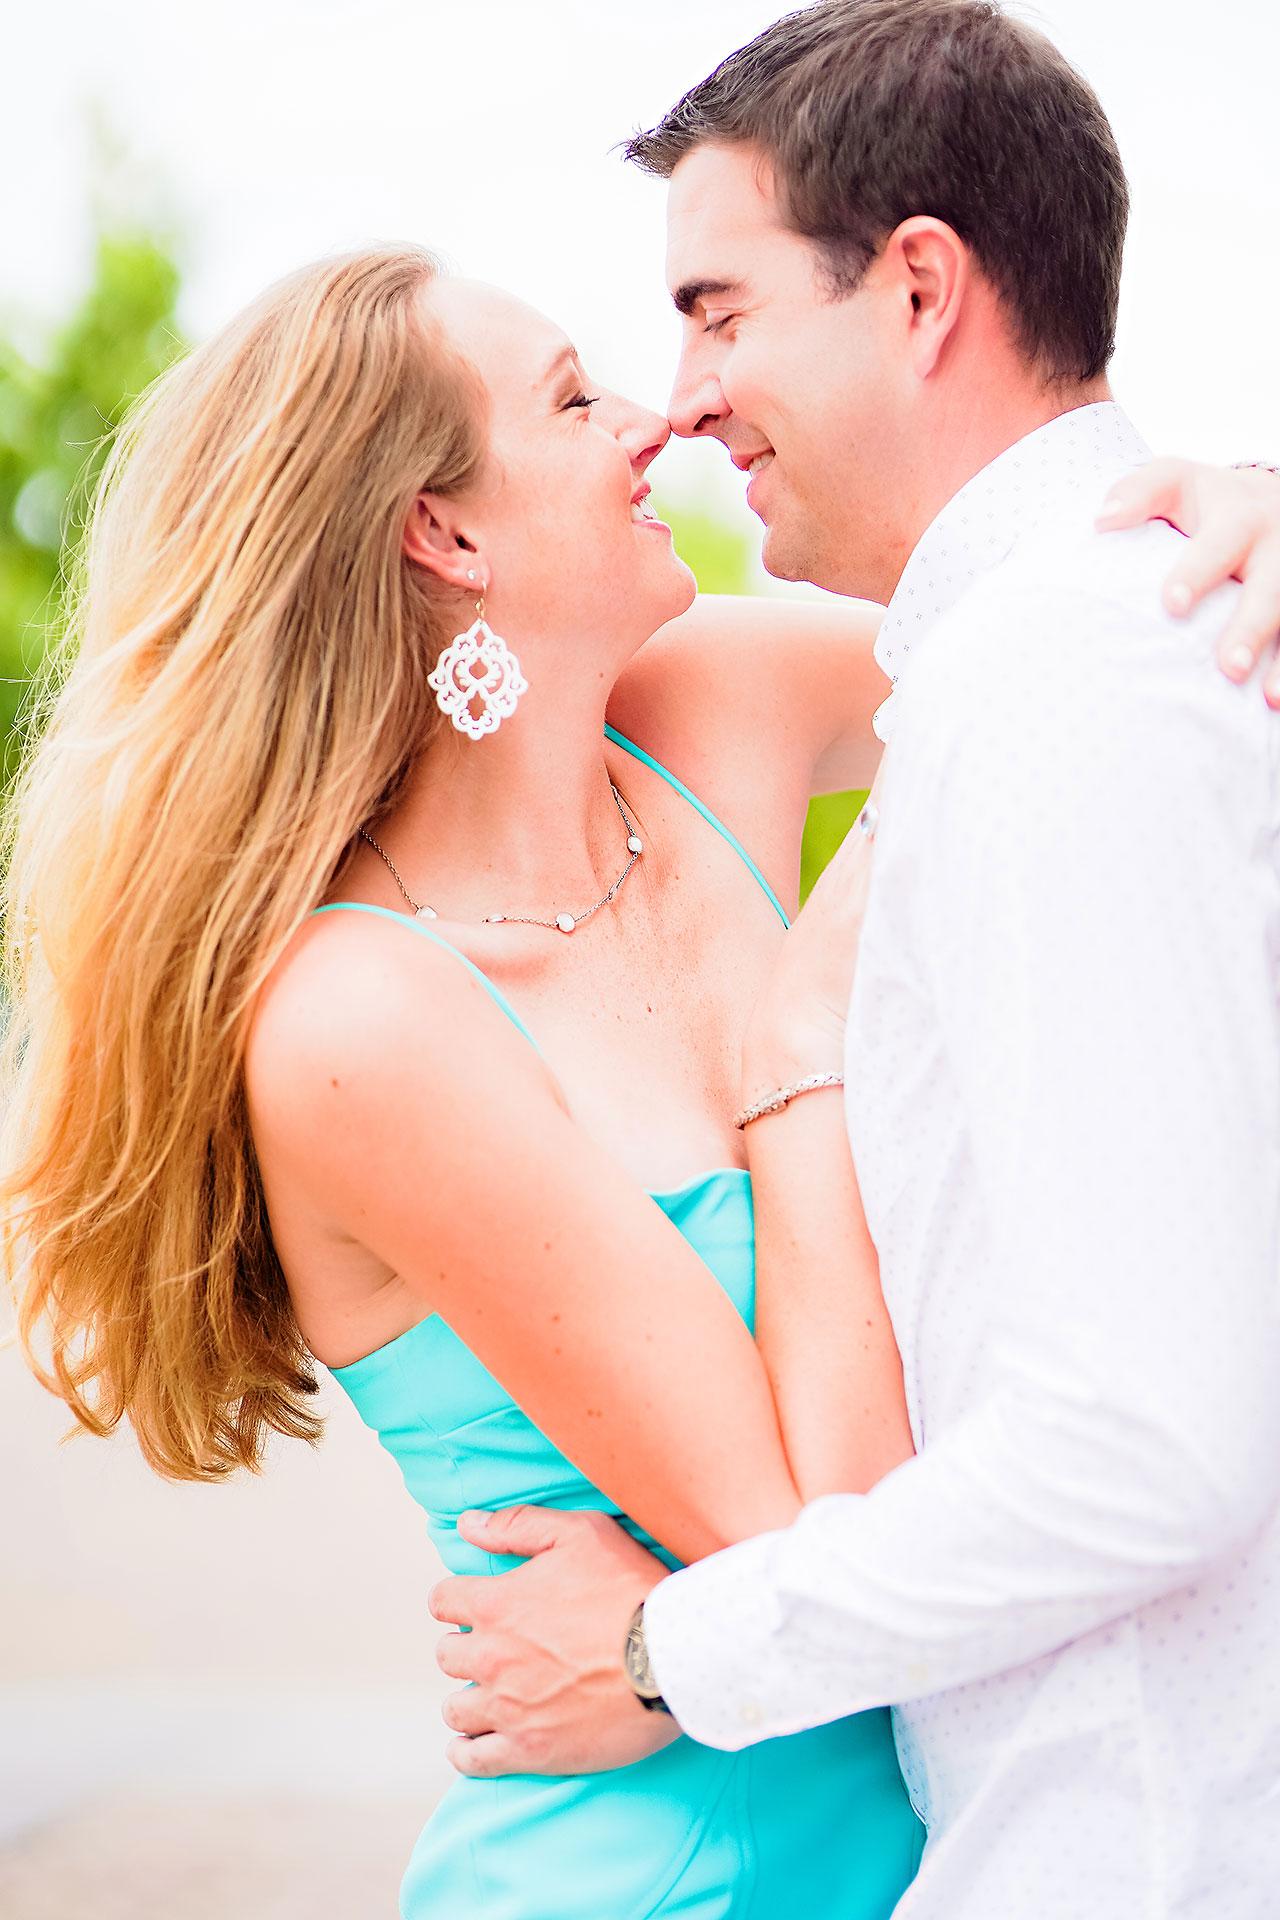 Liz Zach Midtown Carmel Engagement Session 119